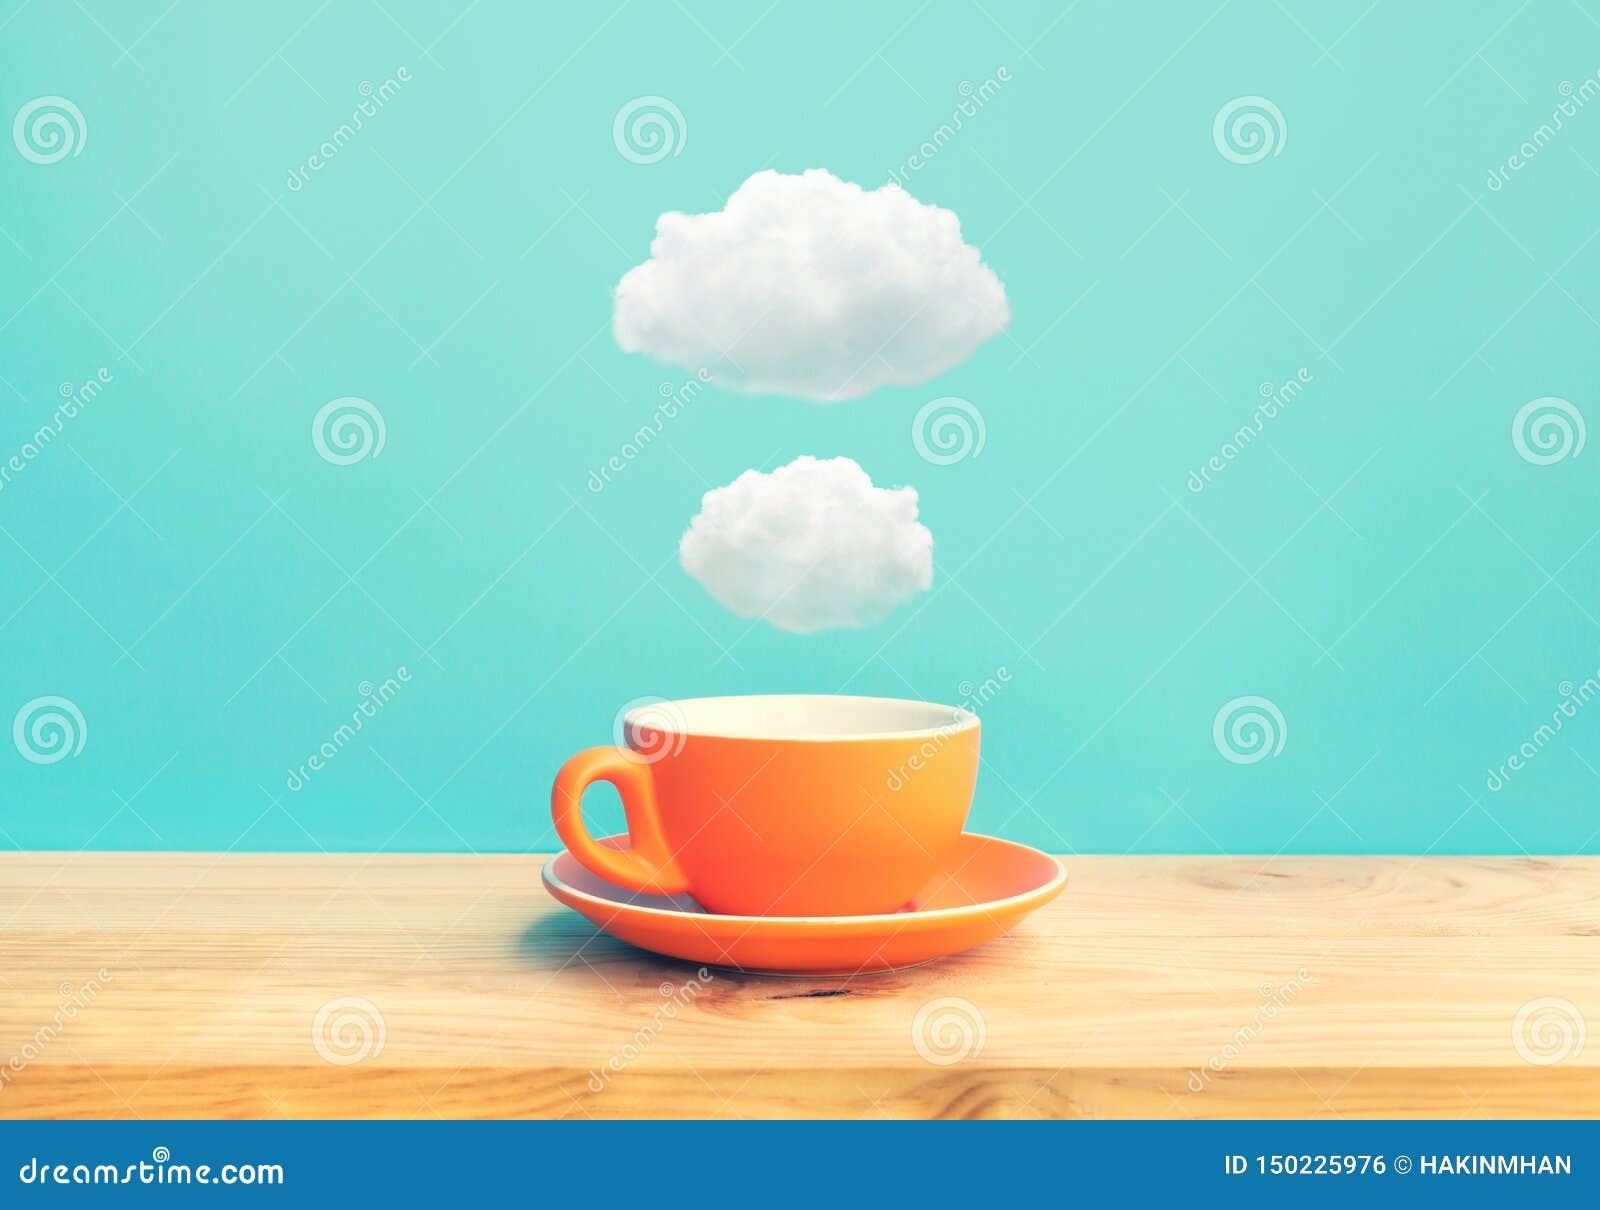 启发与一杯咖啡的创造性概念在木酒吧桌上的与在天空蔚蓝颜色背景的一些云彩